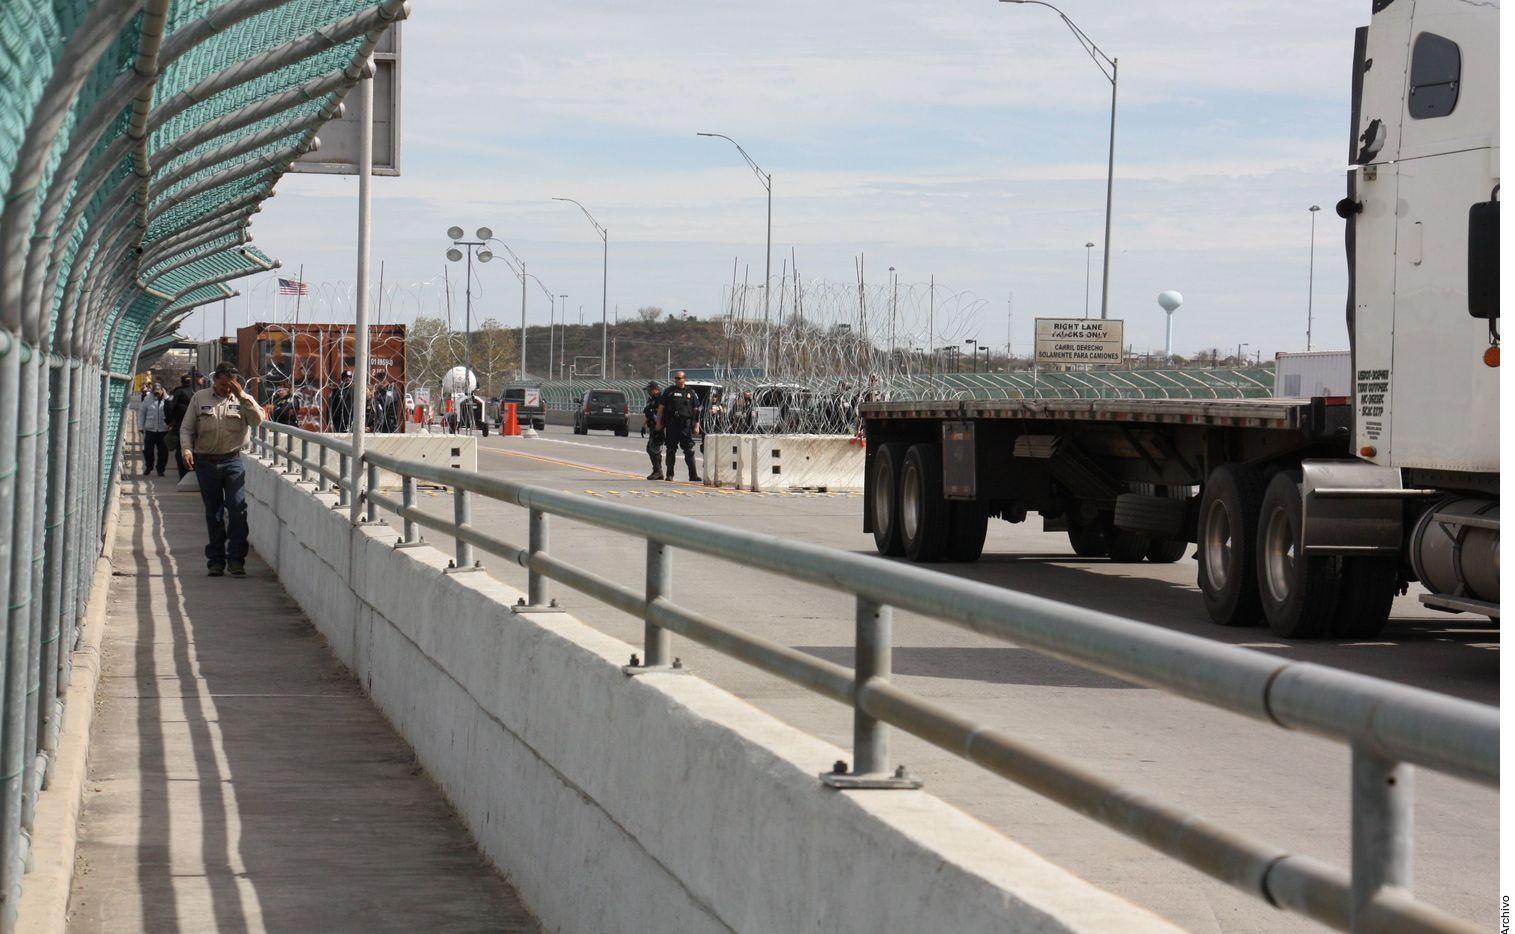 Los gobiernos de México y Estados Unidos acordaron ampliar la inspección fronteriza para frenar el flujo ilícito de armas y droga en tres puntos: Piedras Negras-Eagle Pass, Ciudad Acuña-Del Rio y Ojinaga-Presidio.